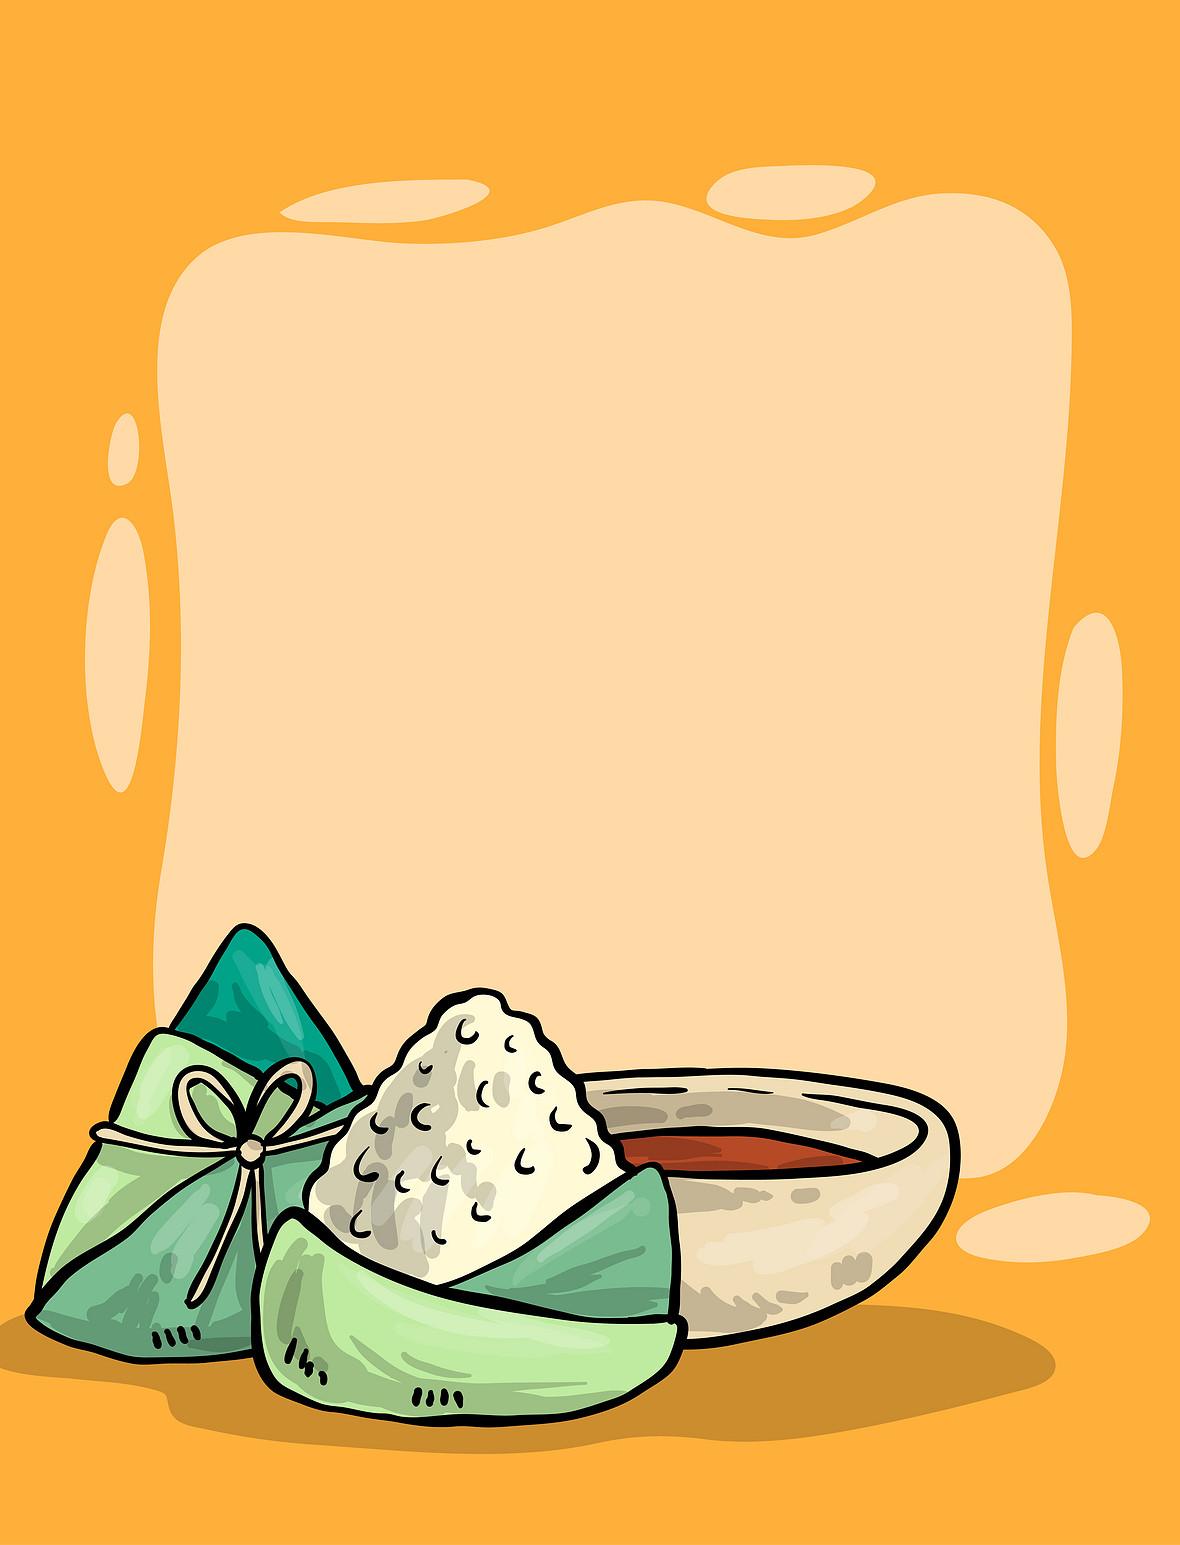 卡通手绘端午节粽子文化海报背景素材